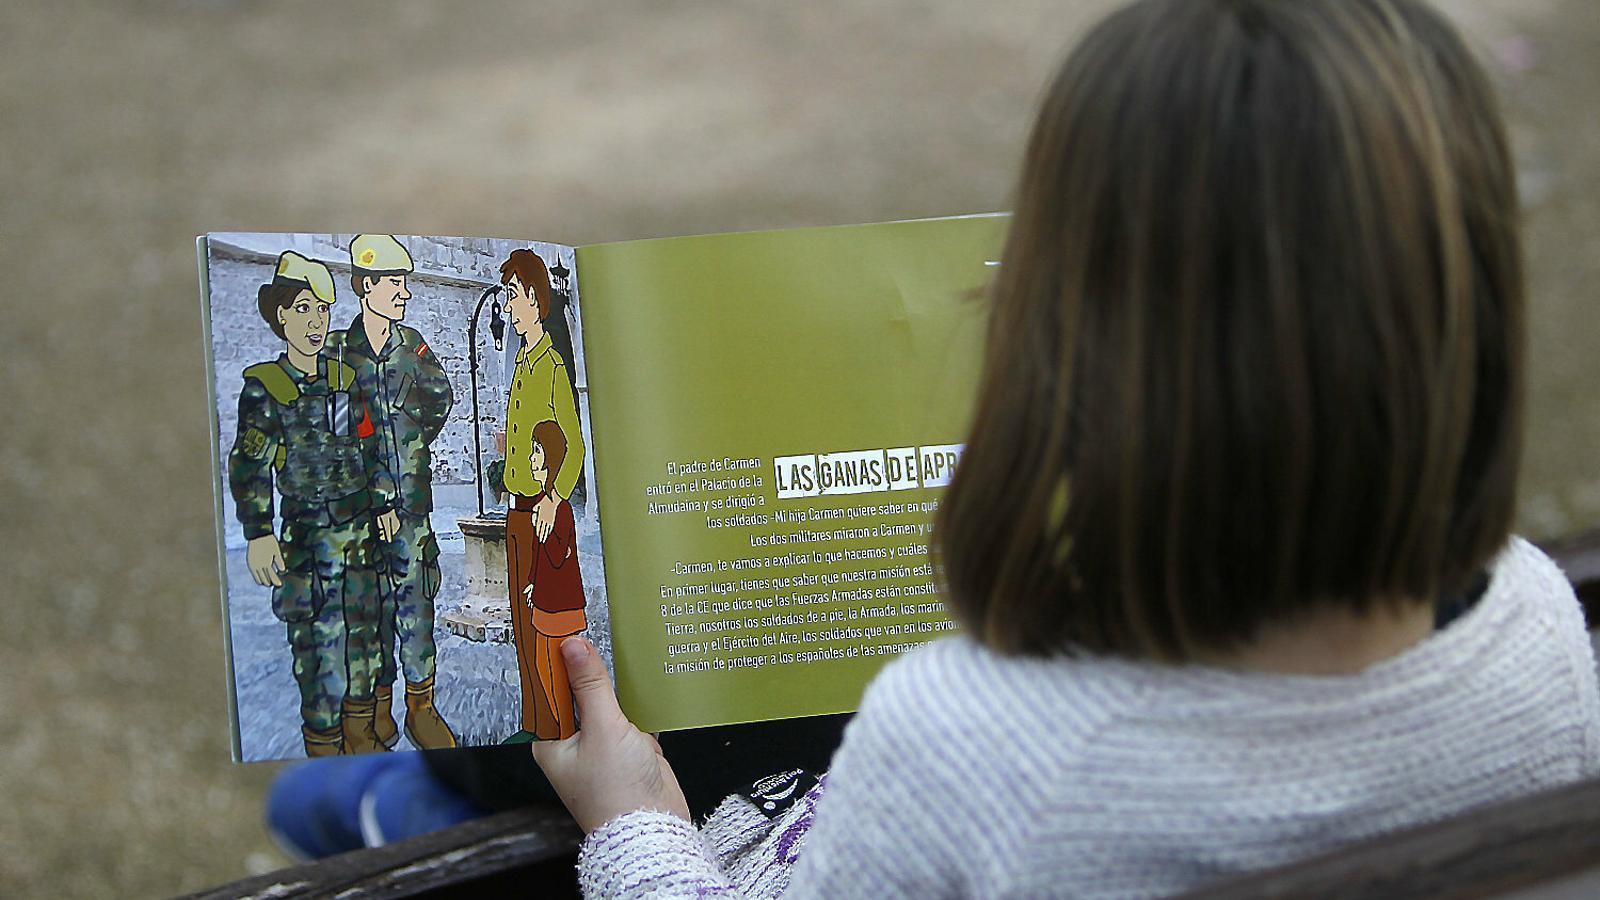 L'exèrcit explica què fa als nins illencs, però s'oblida de les armes i les guerres